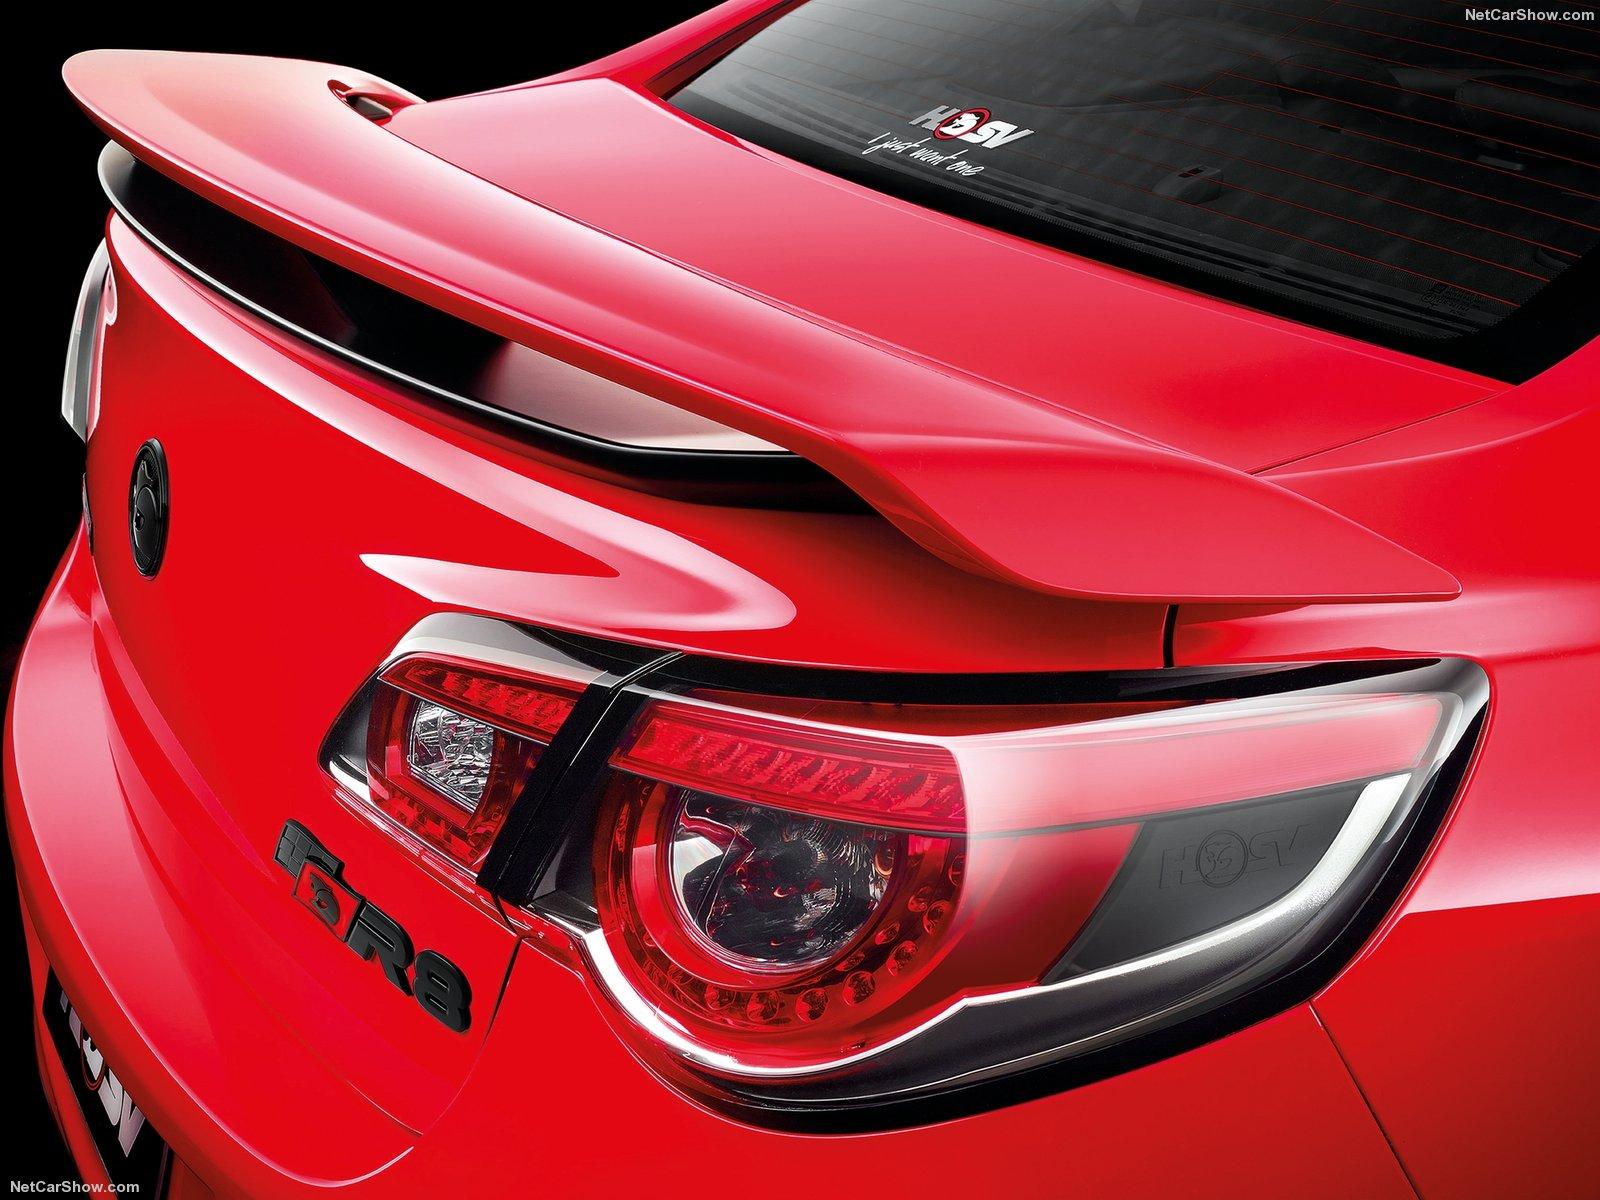 Hình ảnh xe ô tô HSV ClubSport R8 25th Anniversary 2015 & nội ngoại thất